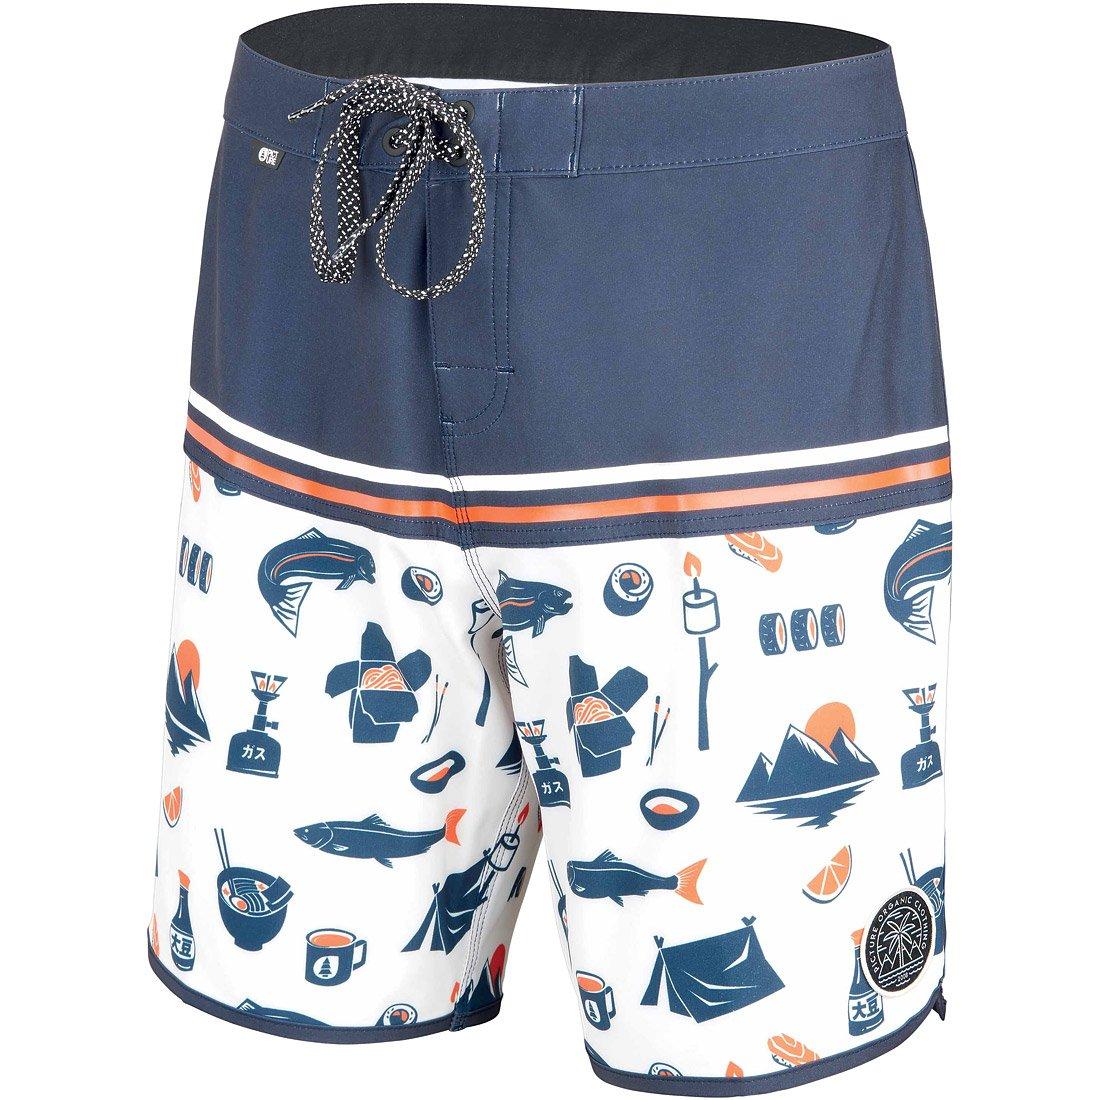 מכנסיי חוף לגברים - Andy 17 Boardshorts - Picture Organic